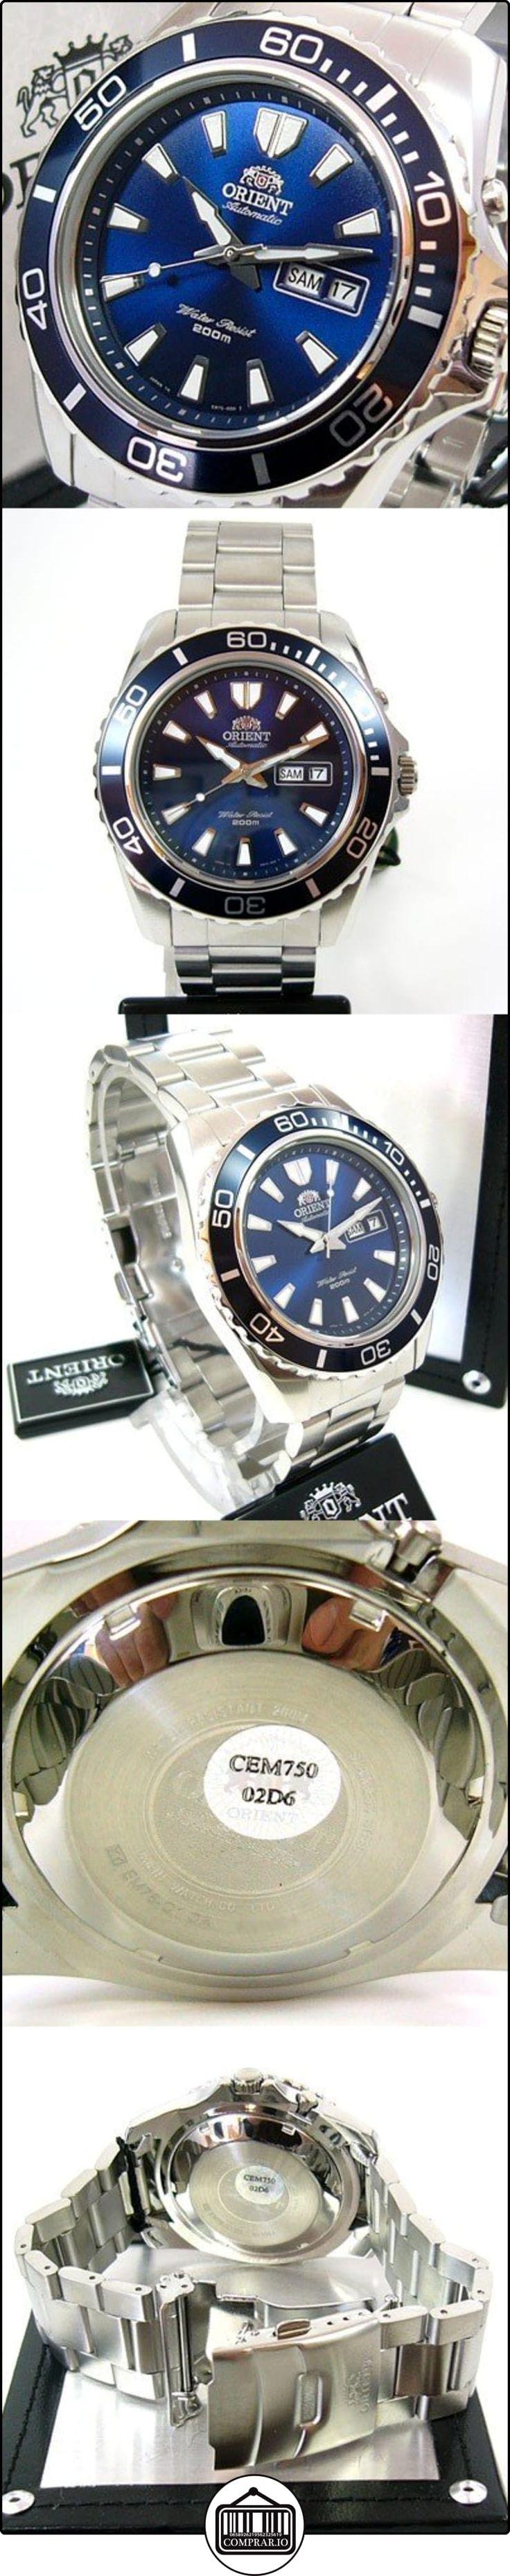 Orient Deep - Reloj de buceo con correa de acero  ✿ Relojes para hombre - (Gama media/alta) ✿